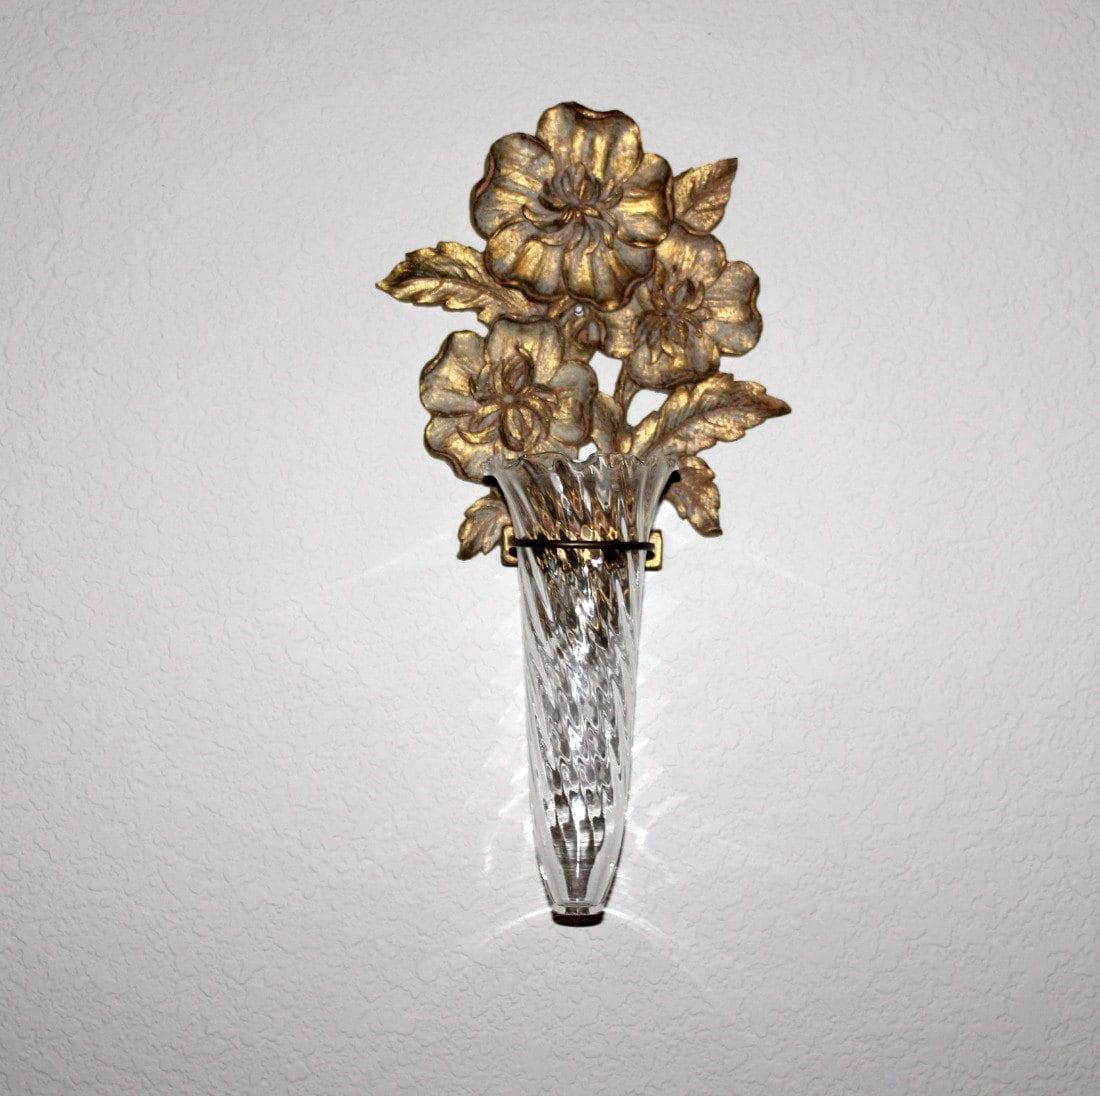 Vintage Syroco Wood Gold Wall Sconce Bud Flower Vase Holder